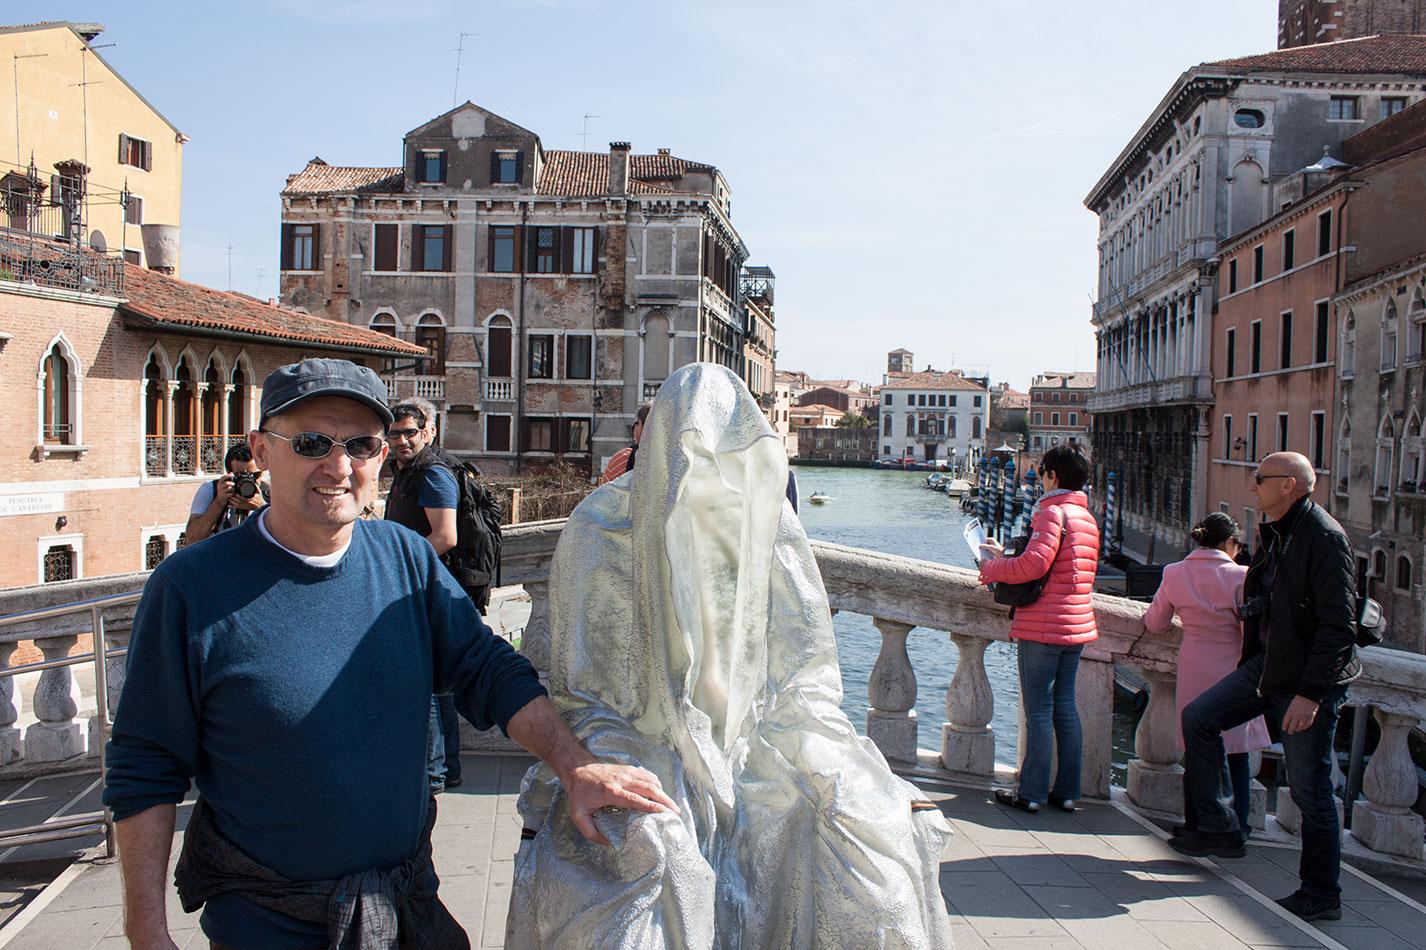 la-biennale-venezia-arte-venice-guardians-of-time-manfred-kili-kielnhofer-contemporary-art-arts-design-sculpture-performance-show-8020